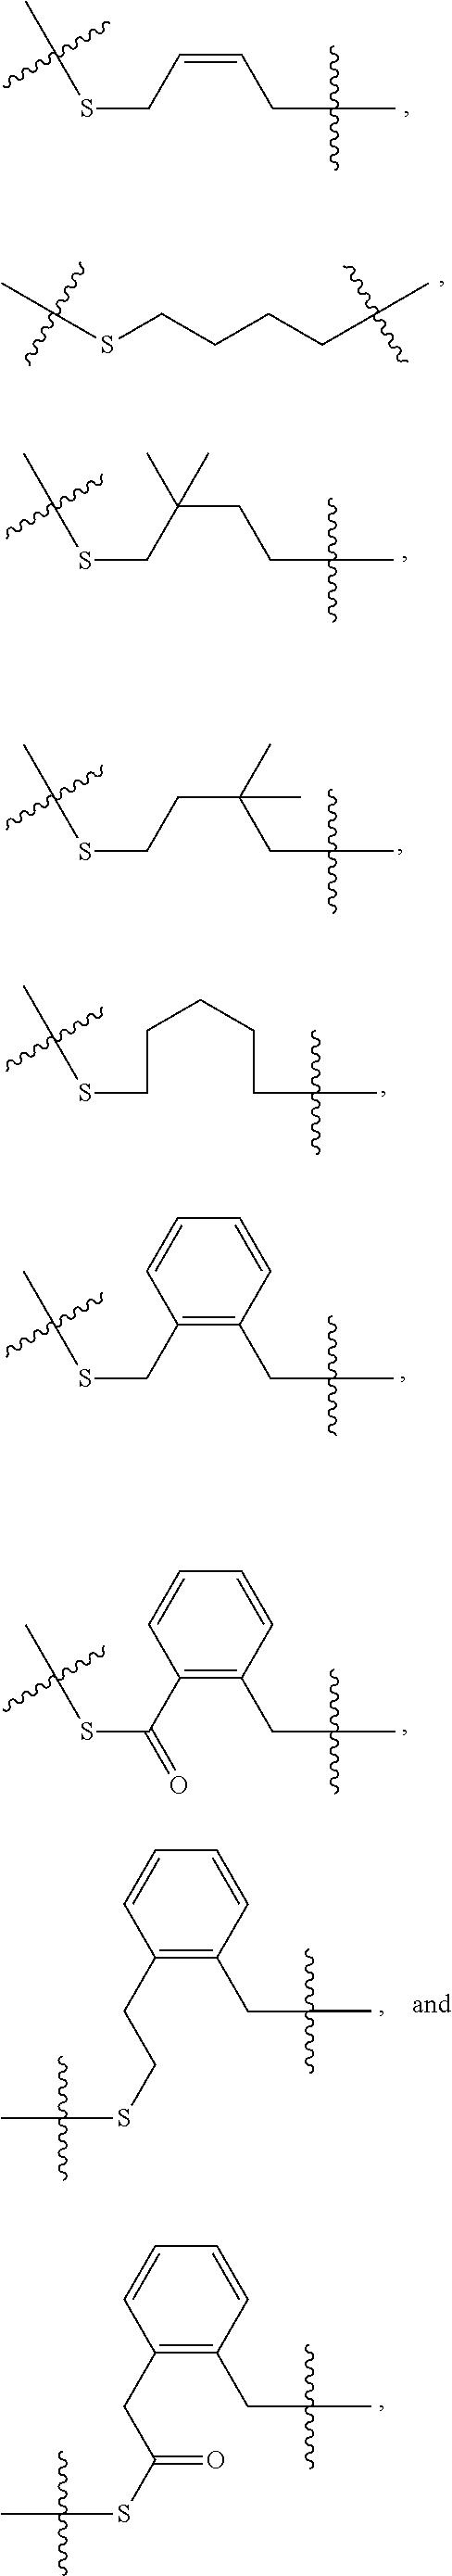 Figure US10160969-20181225-C00032